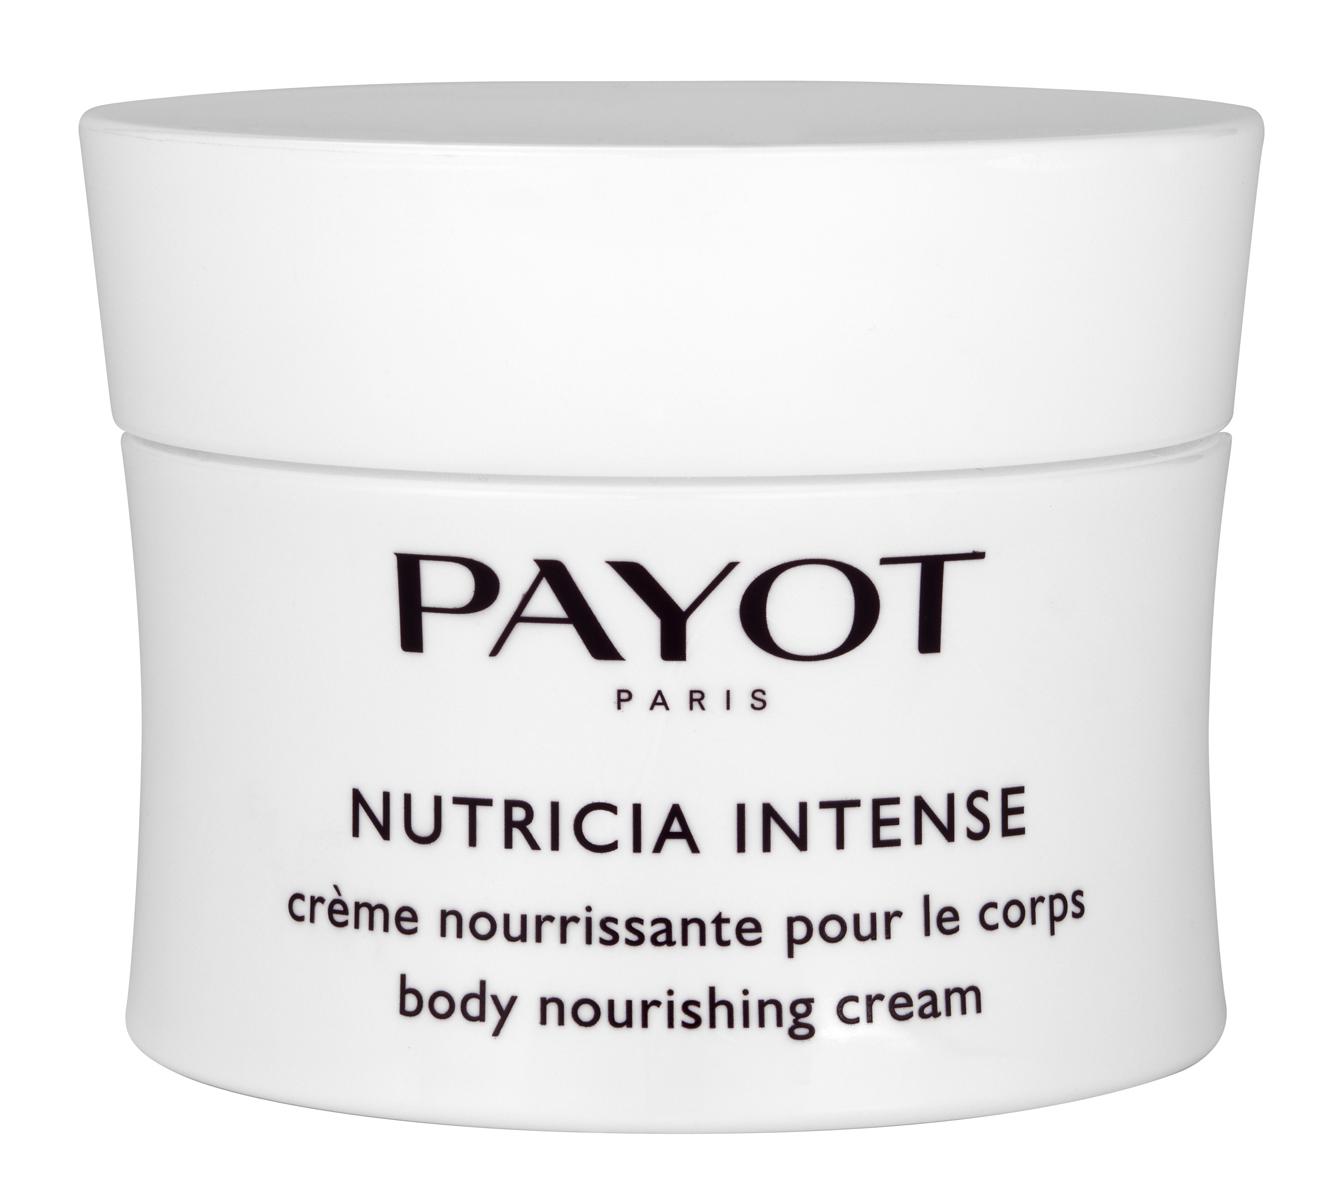 Payot Питательный крем для тела, 200 мл65107121Увлажняет, питает, защищает, совершенствует зоны грубой кожи.